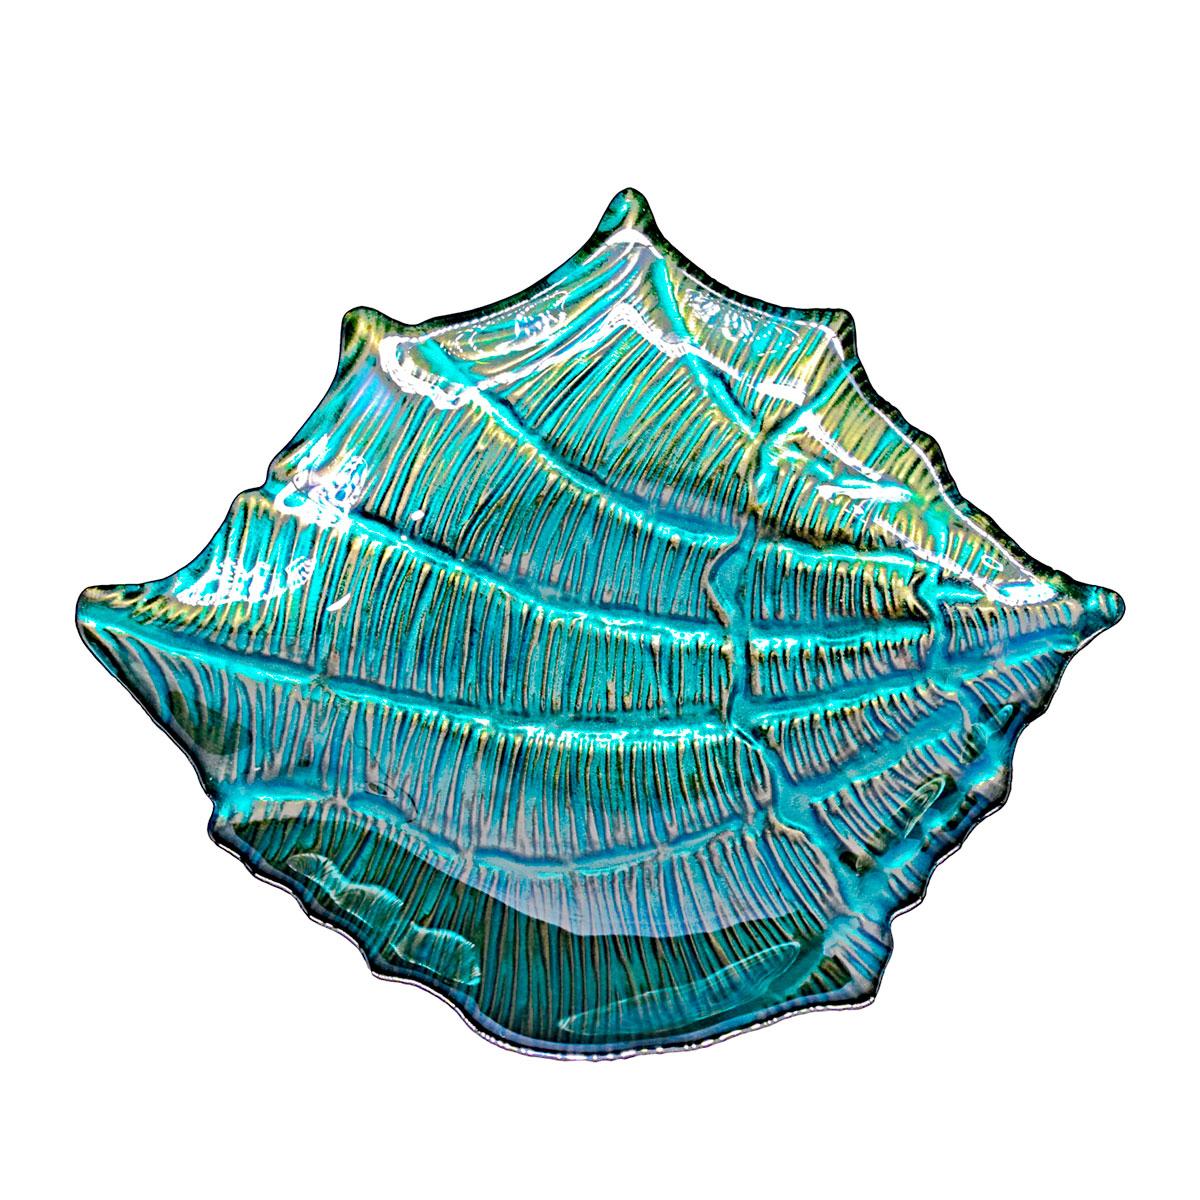 ibiza concha de vidro azul com ouro